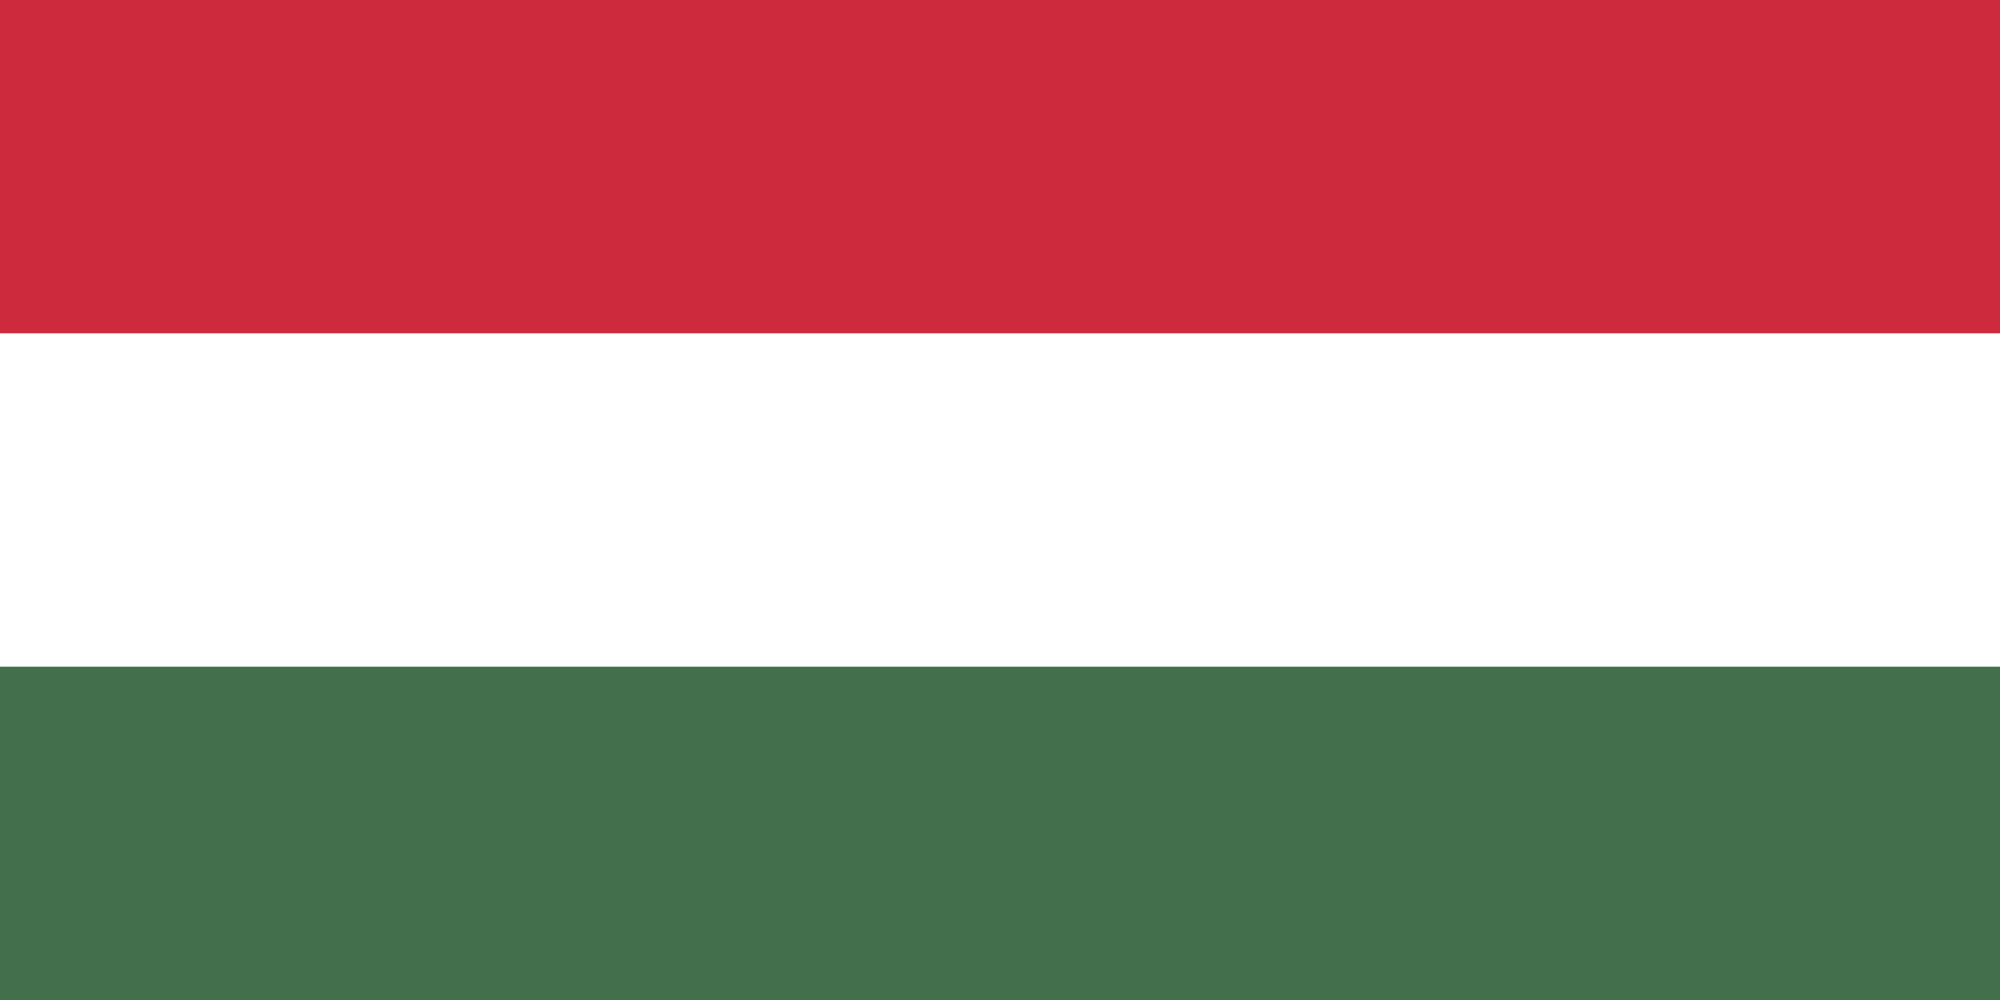 magyar zaszlo flag szakmaisag es demokracia partja